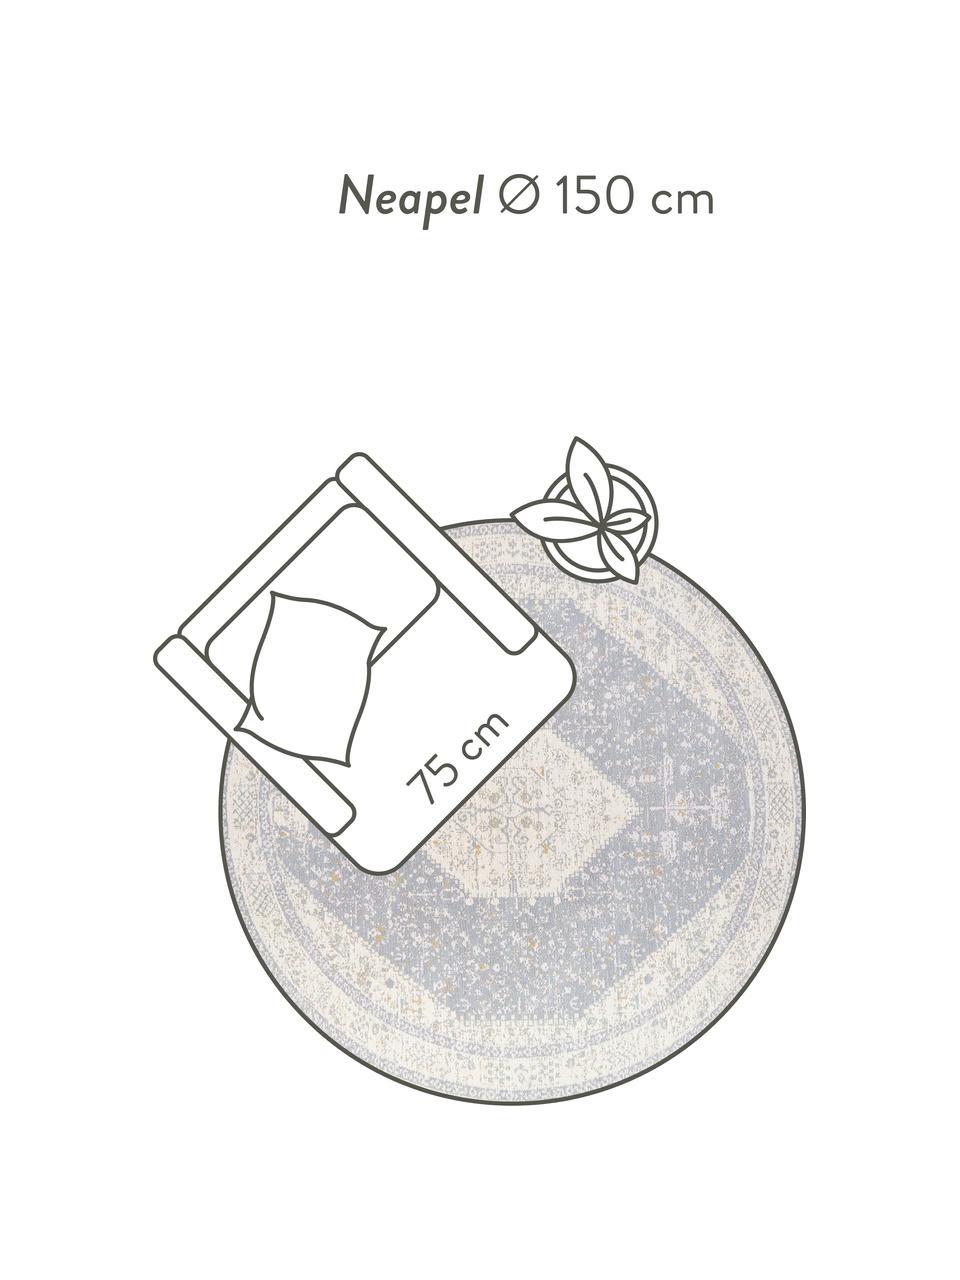 Tappeto rotondo in ciniglia tessuto a mano Neapel, Retro: 100% cotone, Grigio chiaro, crema, taupe, Ø 150 cm (taglia M)